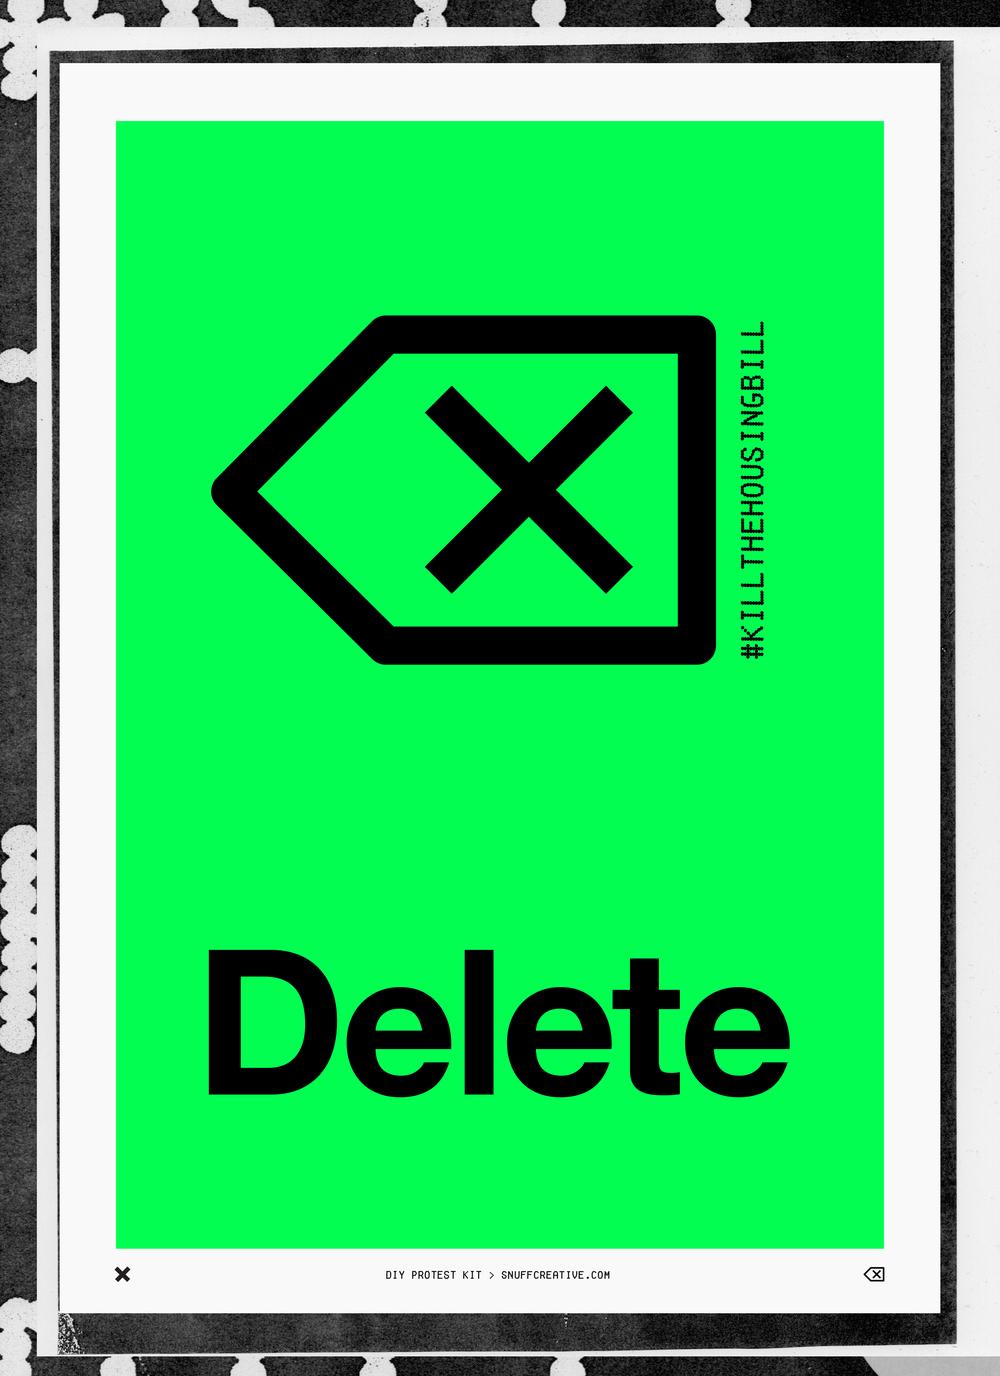 DELETE8.jpg